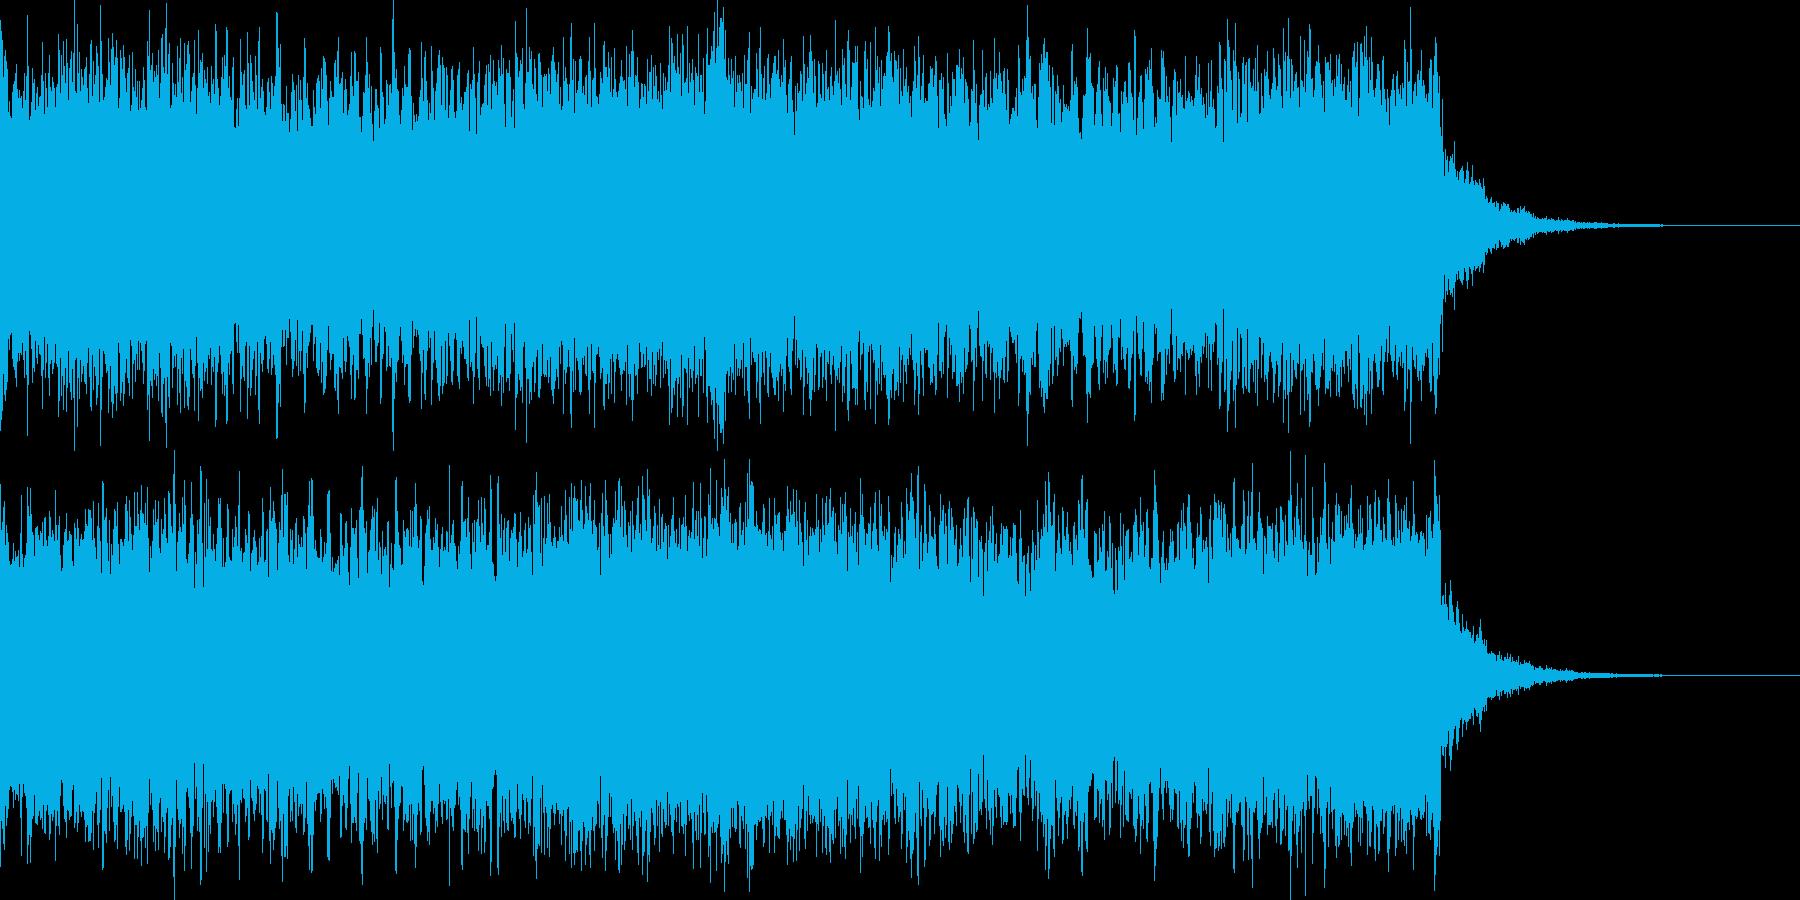 サイレンの音の再生済みの波形